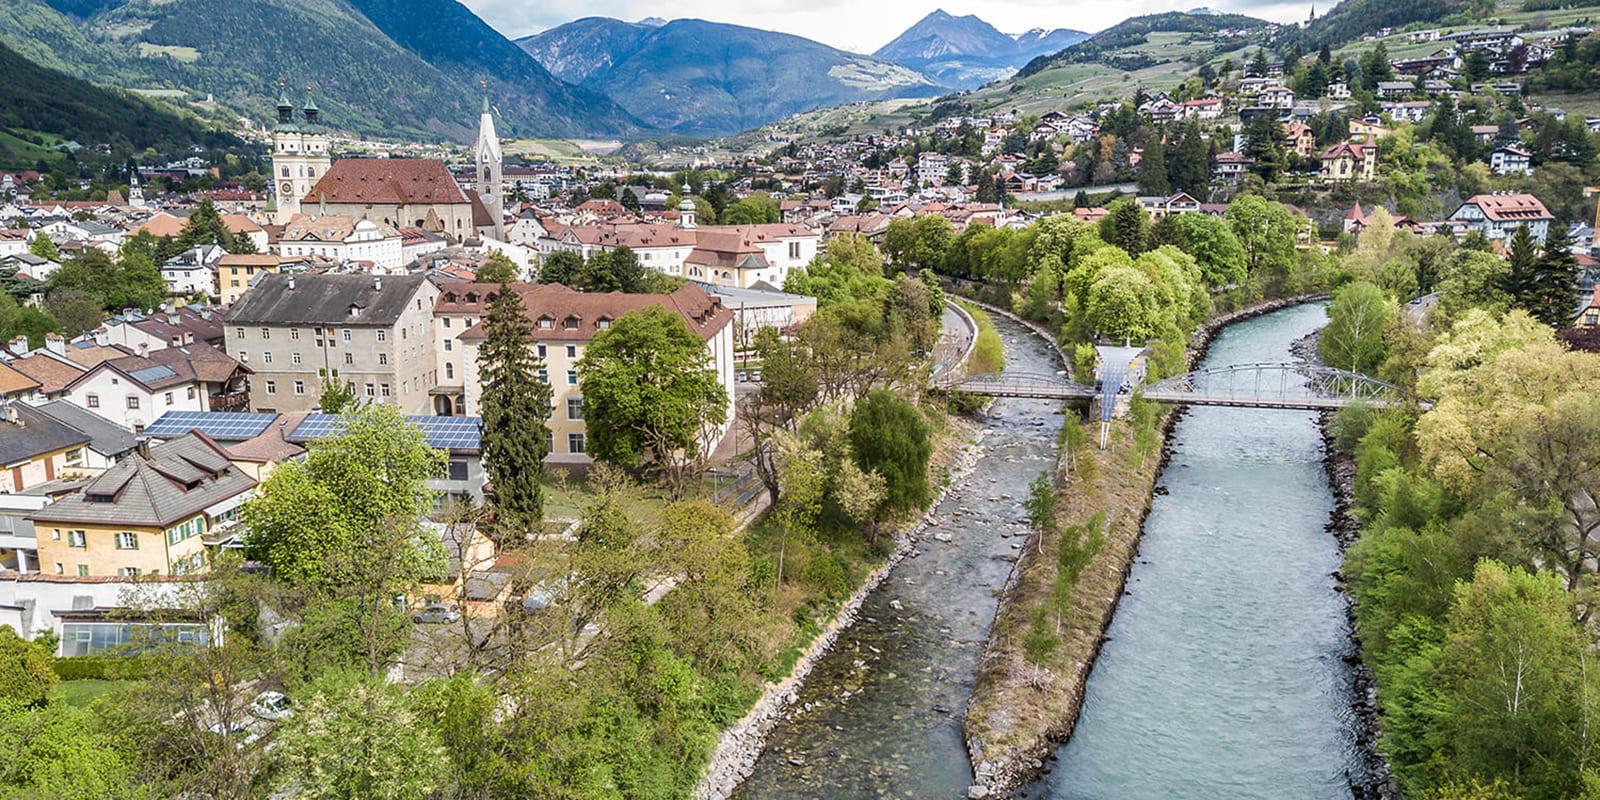 Gerharts - Berg & Stadt im Doppelpack